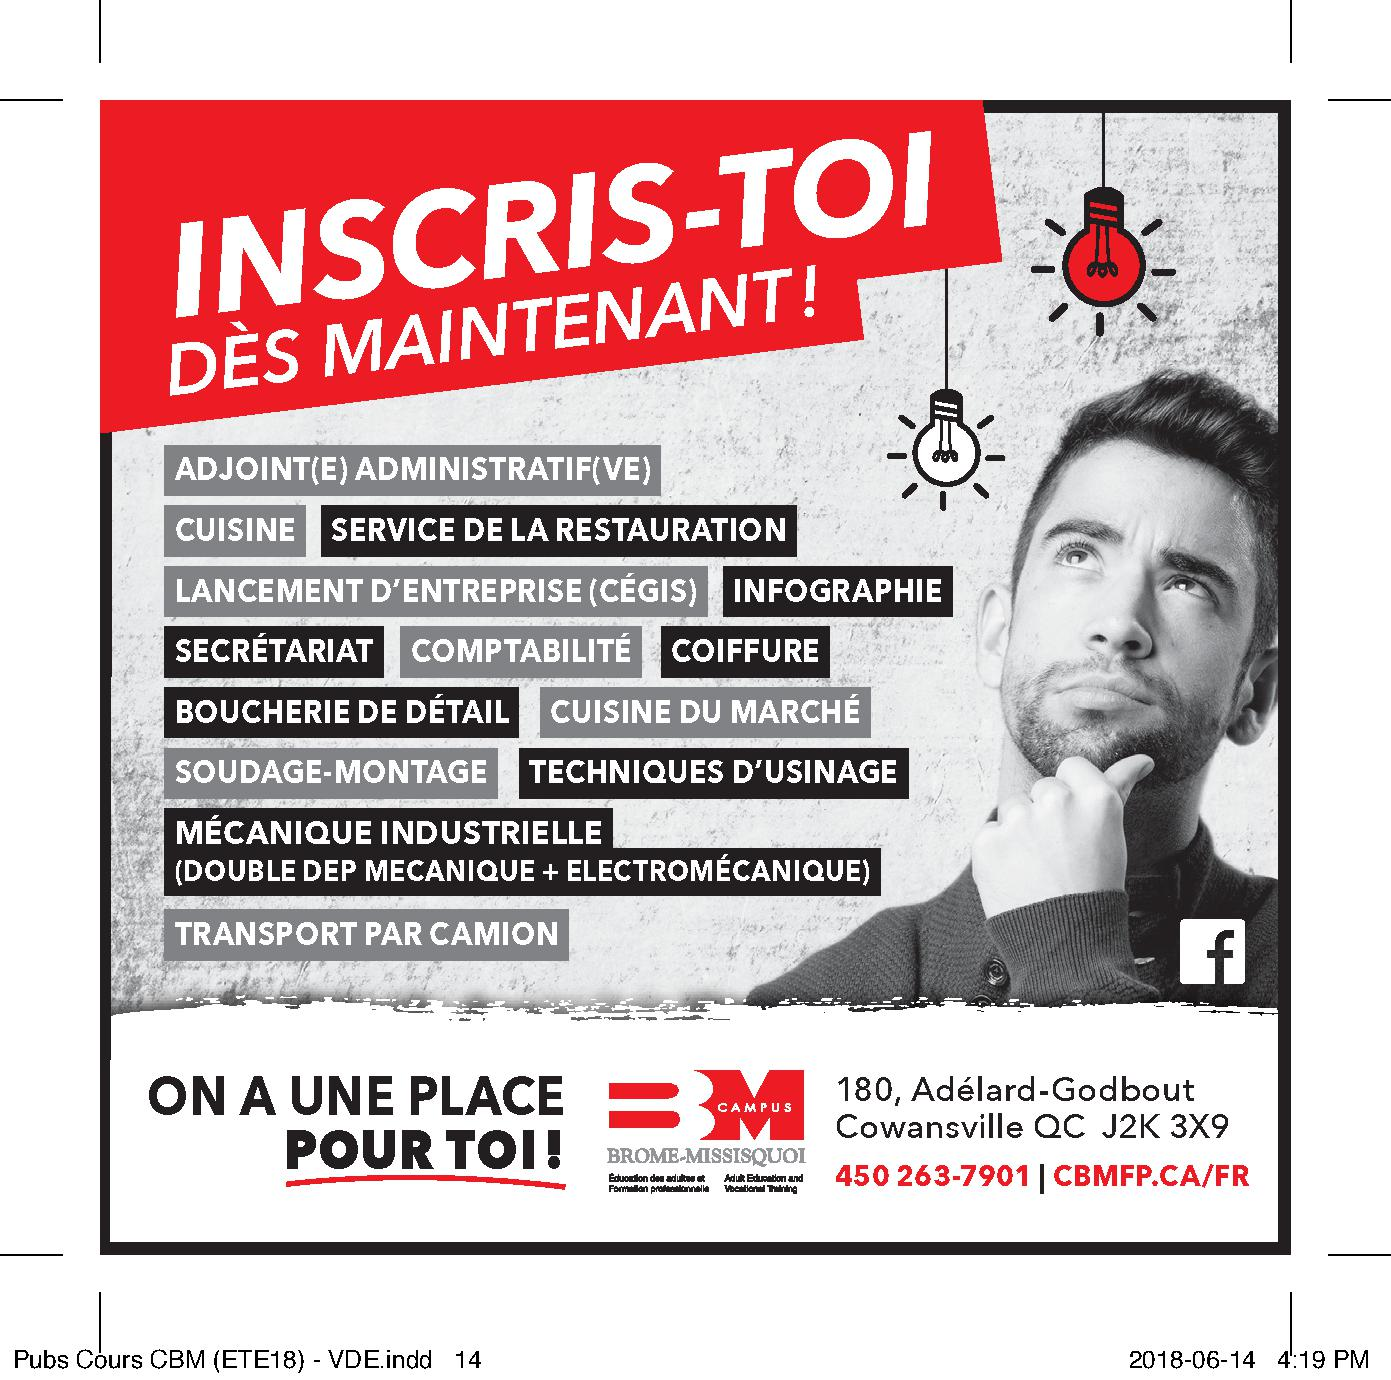 Inscris-toi dès maintenant ! On a une place pour toi  www.cbmfp.ca/fr